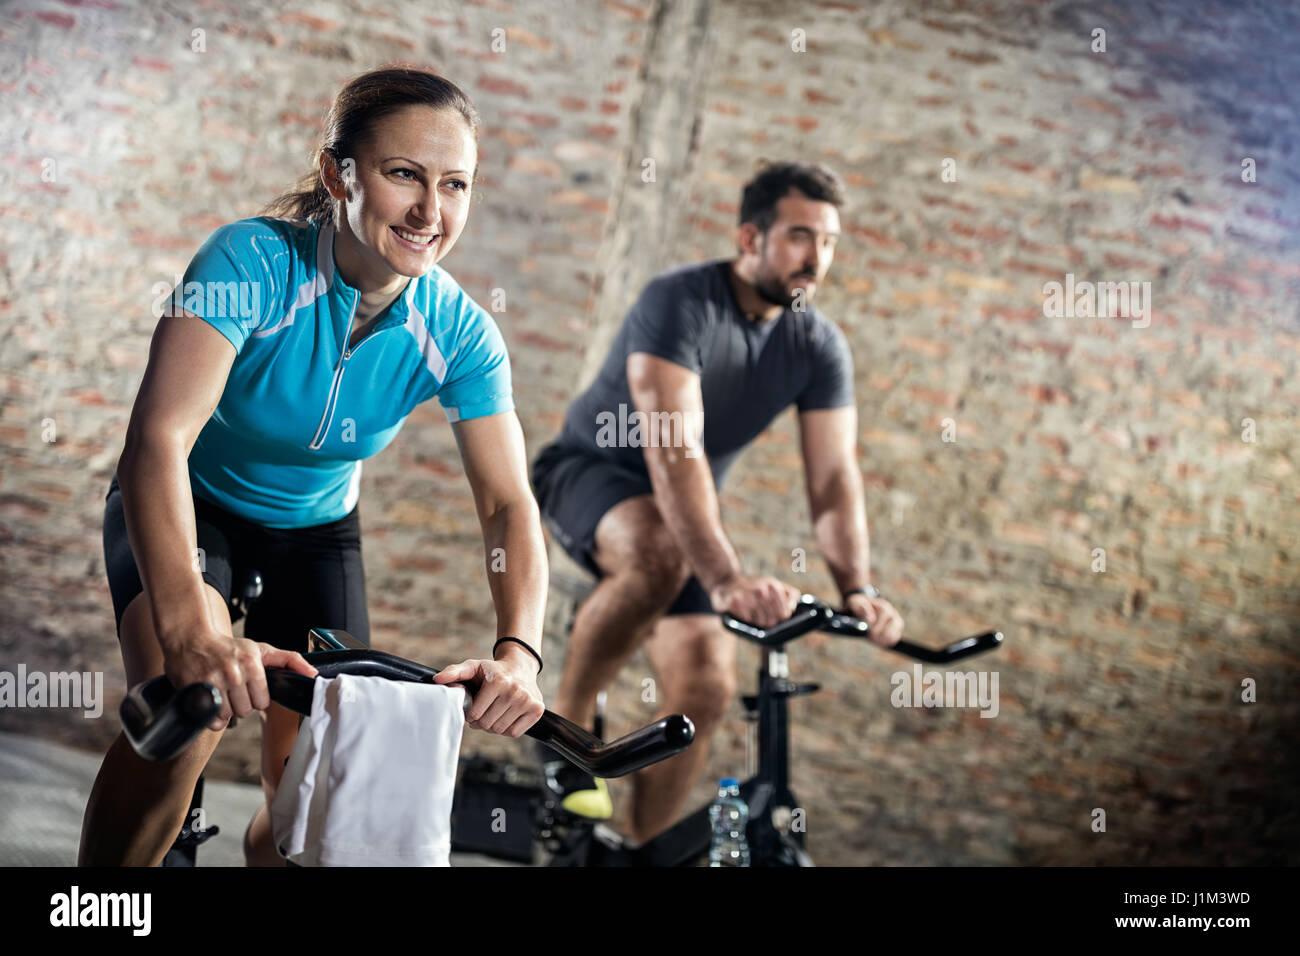 Mujer sonriente en ropa deportiva sobre ciclismo fitness Imagen De Stock